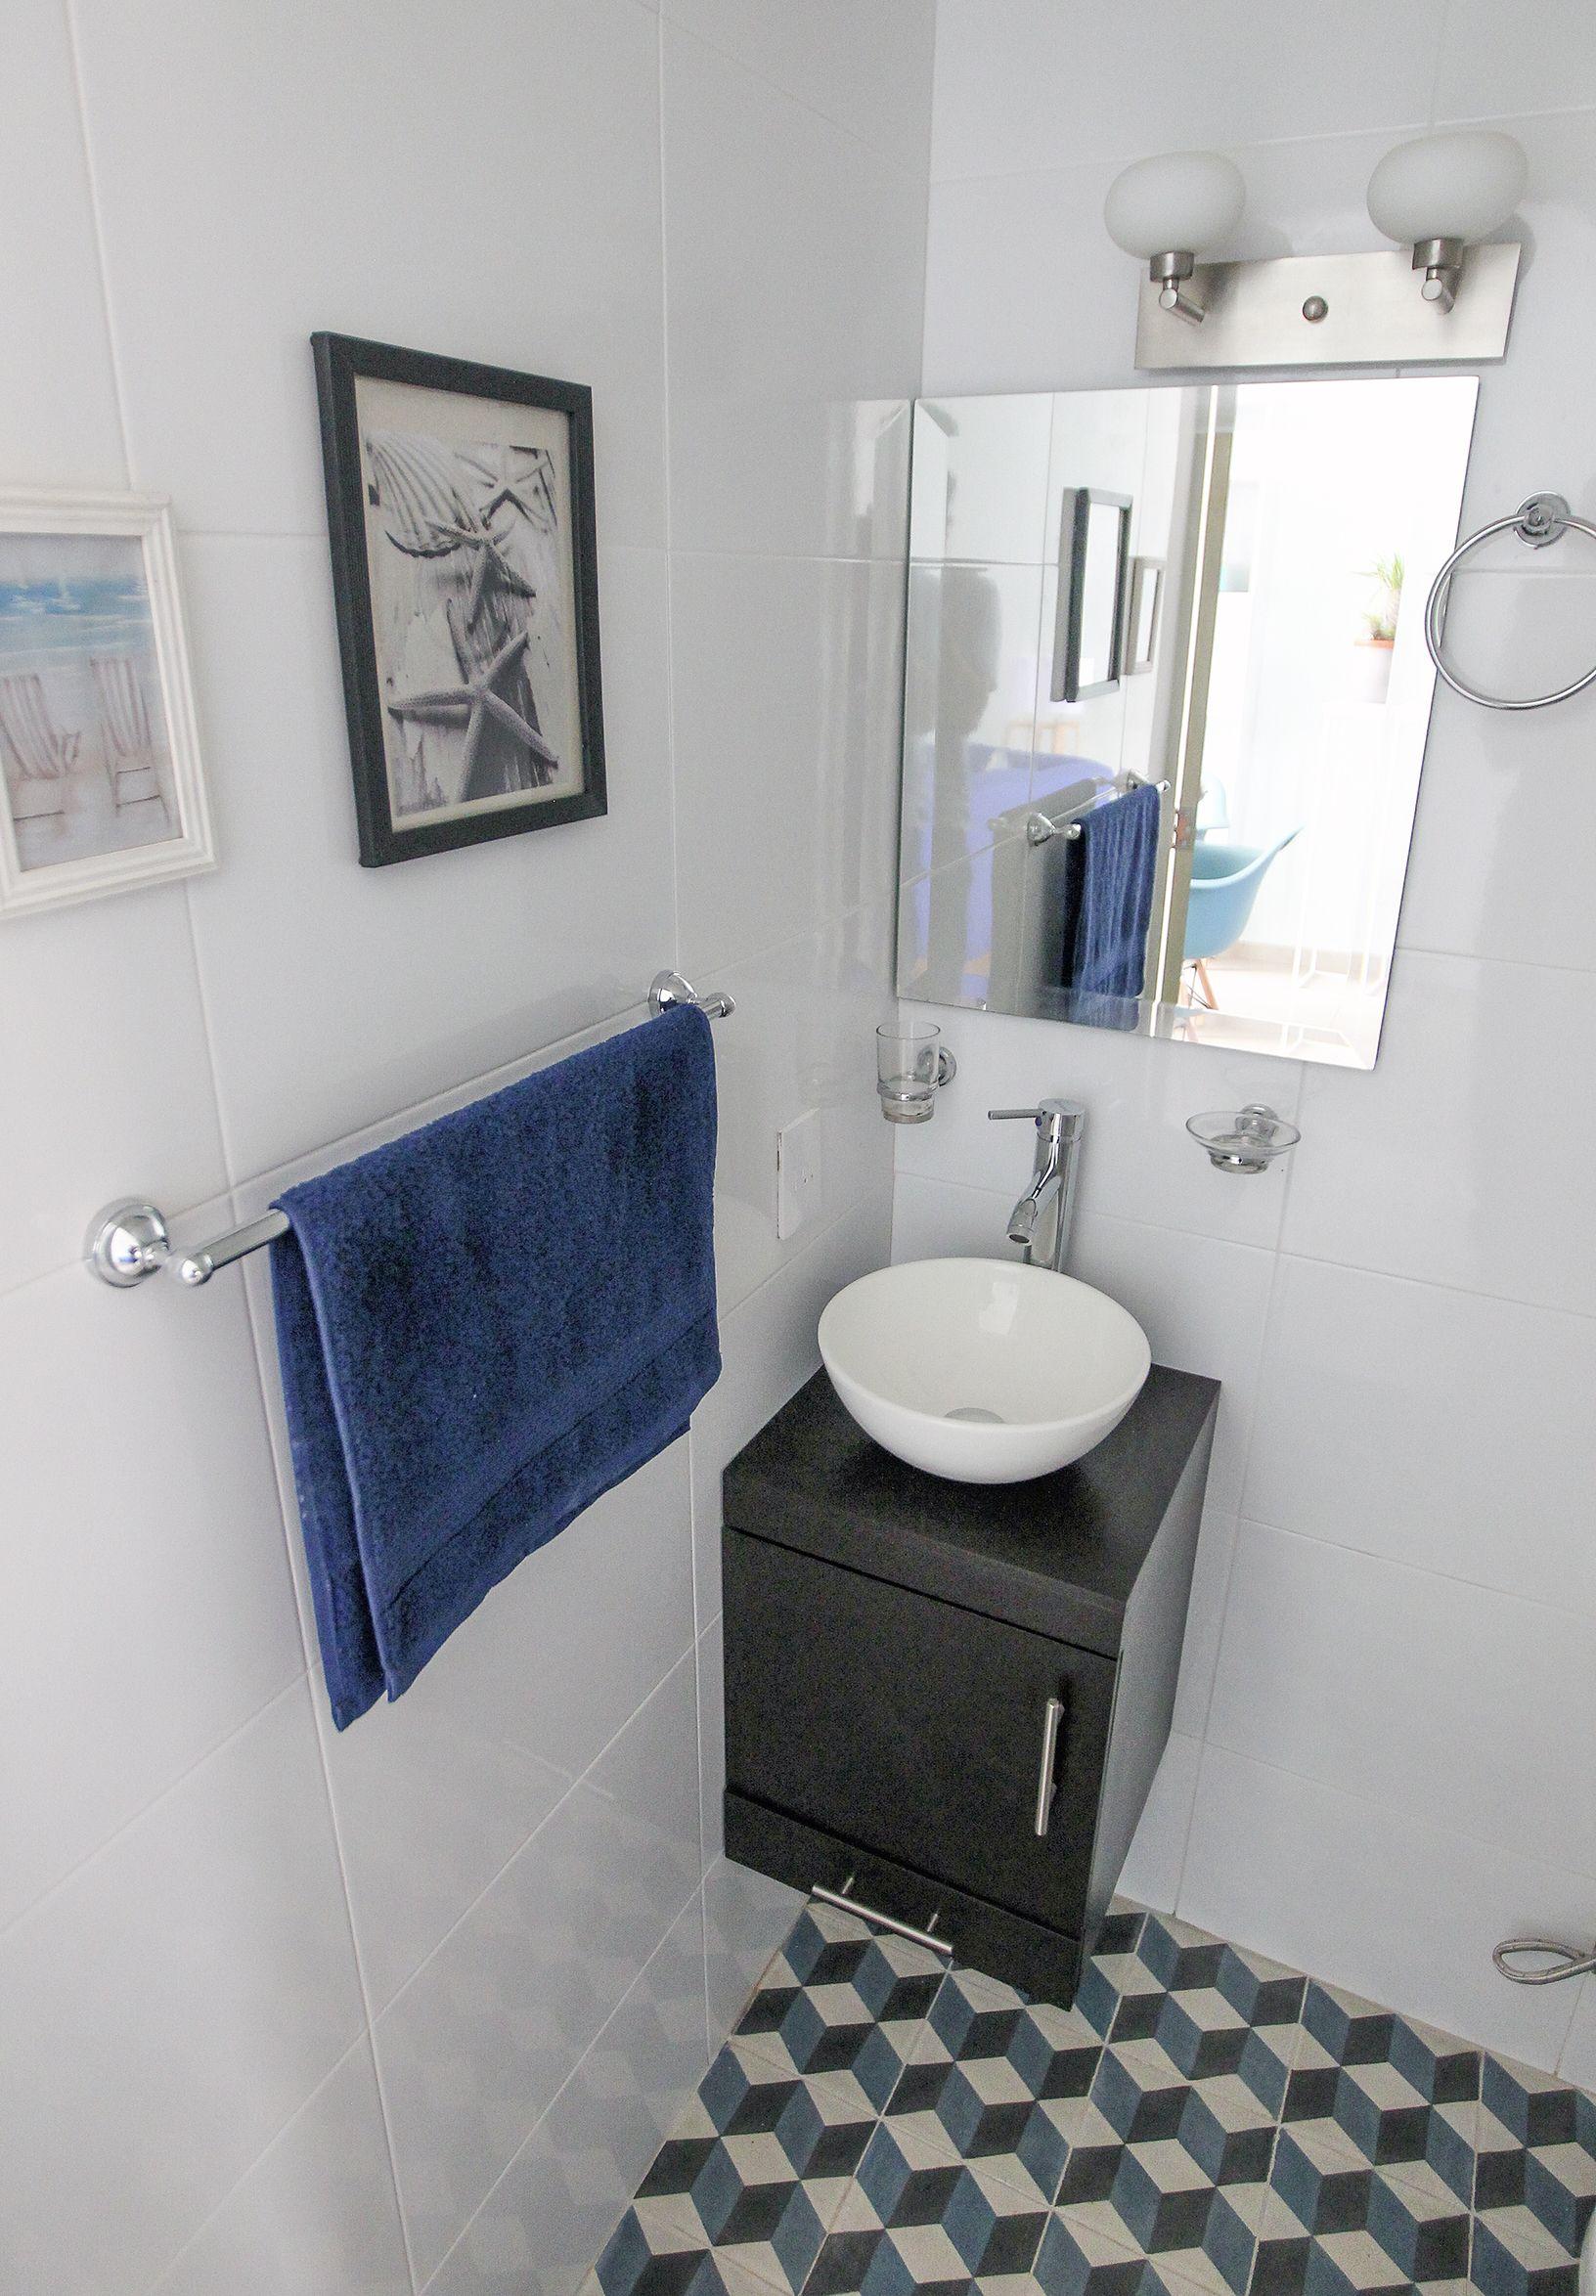 Ba o con pisos en azules contrastes en blanco bluebathroom mosaicos estudiovictoria loop - Banos con azulejos azules ...